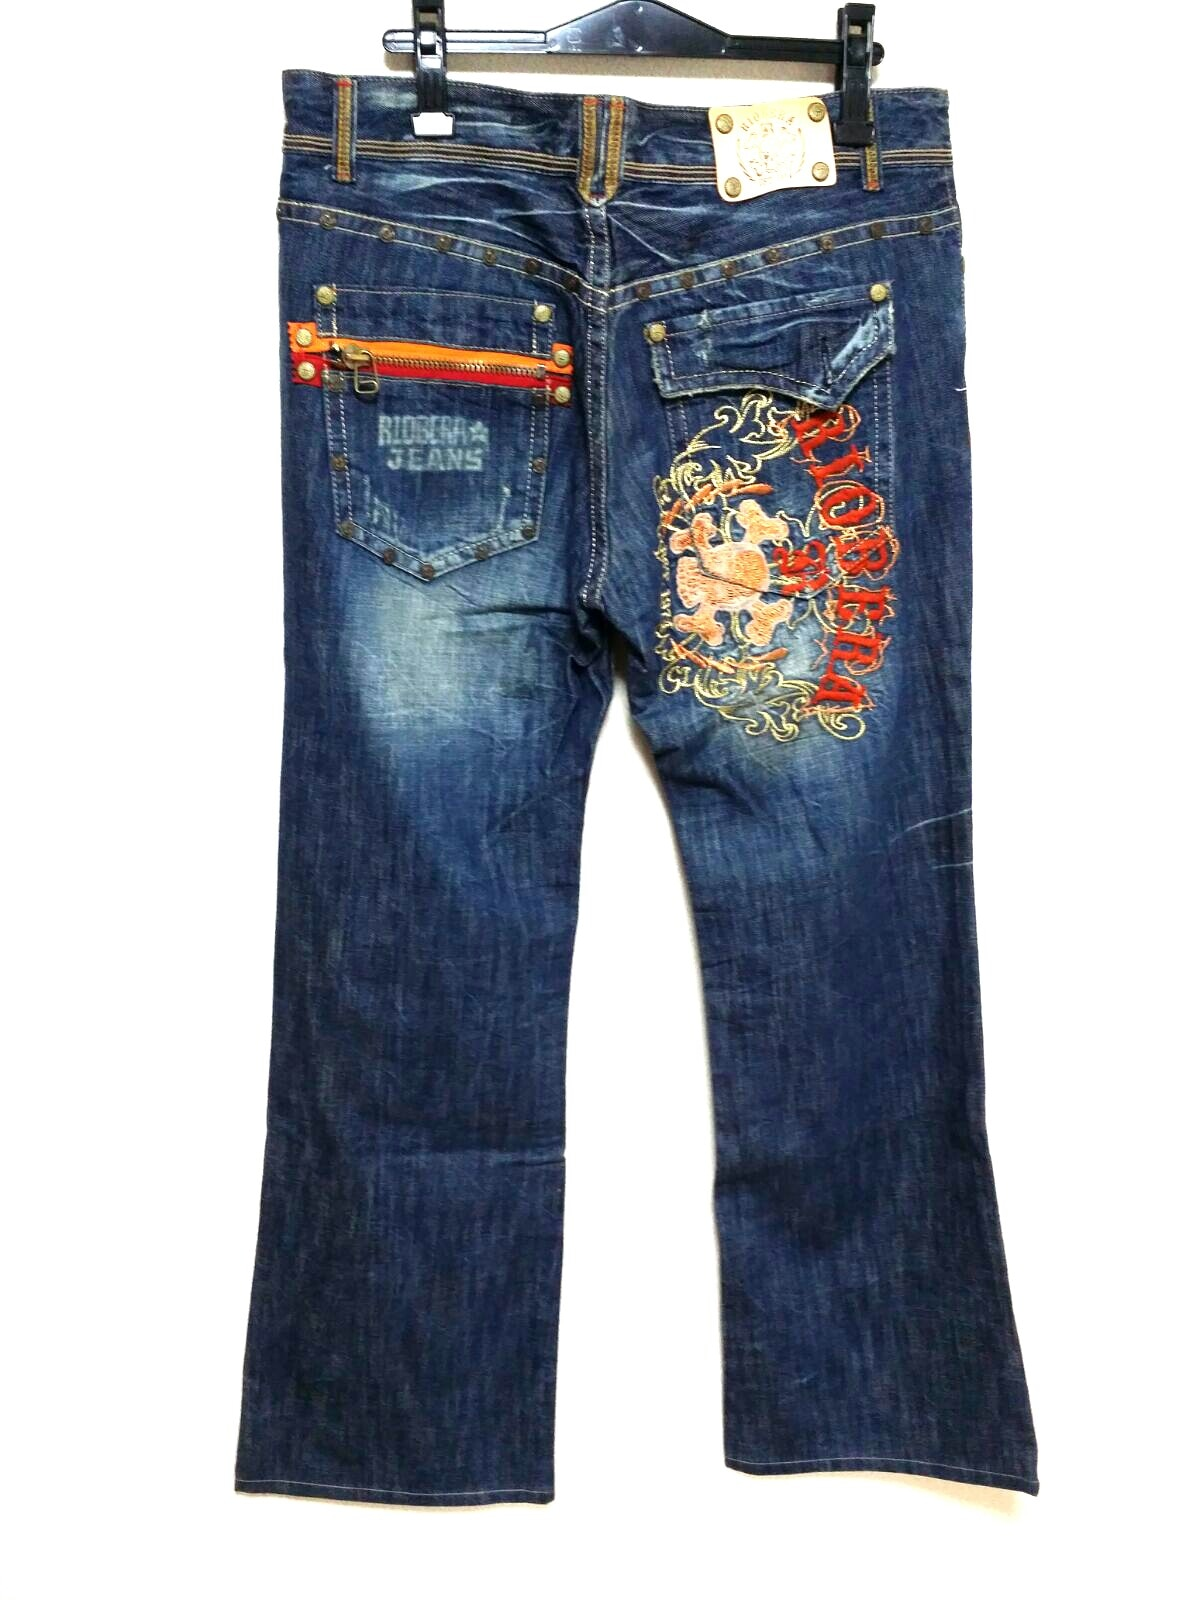 RIOBERA JEANS(リオベラジーンズ)のジーンズ